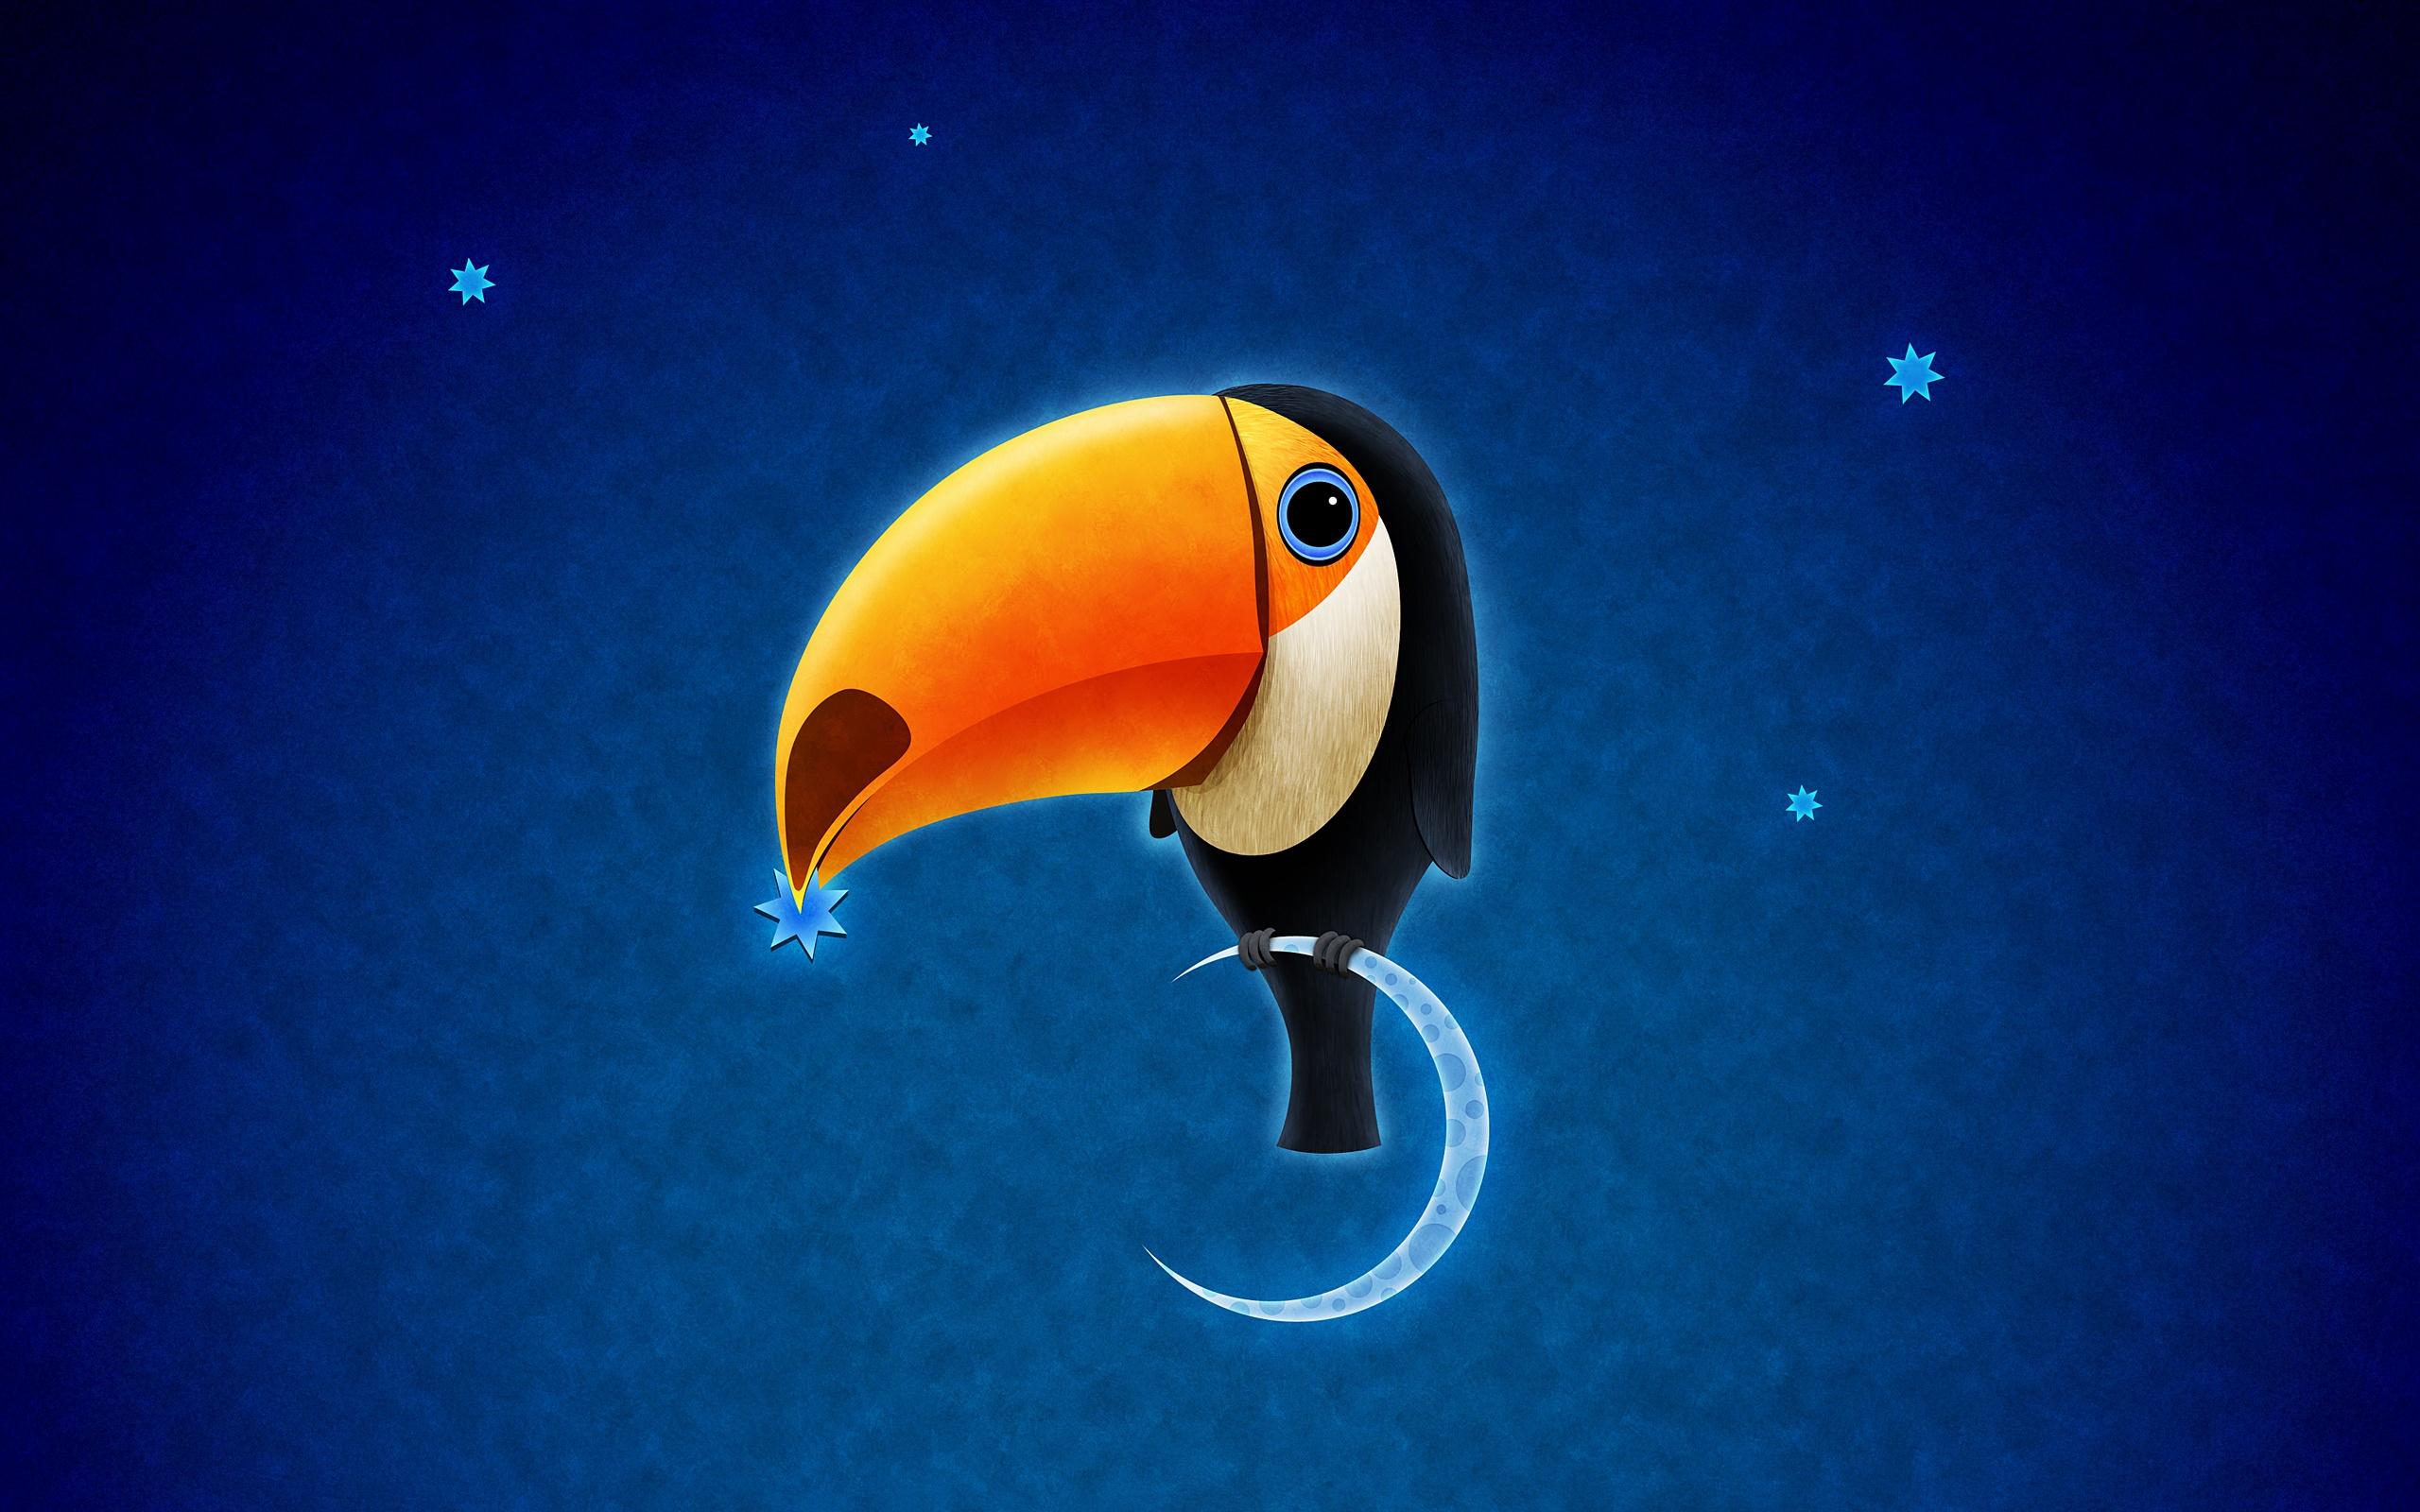 Must see Wallpaper Love Bird - toucan_bird_3795  Photograph_539779.jpg